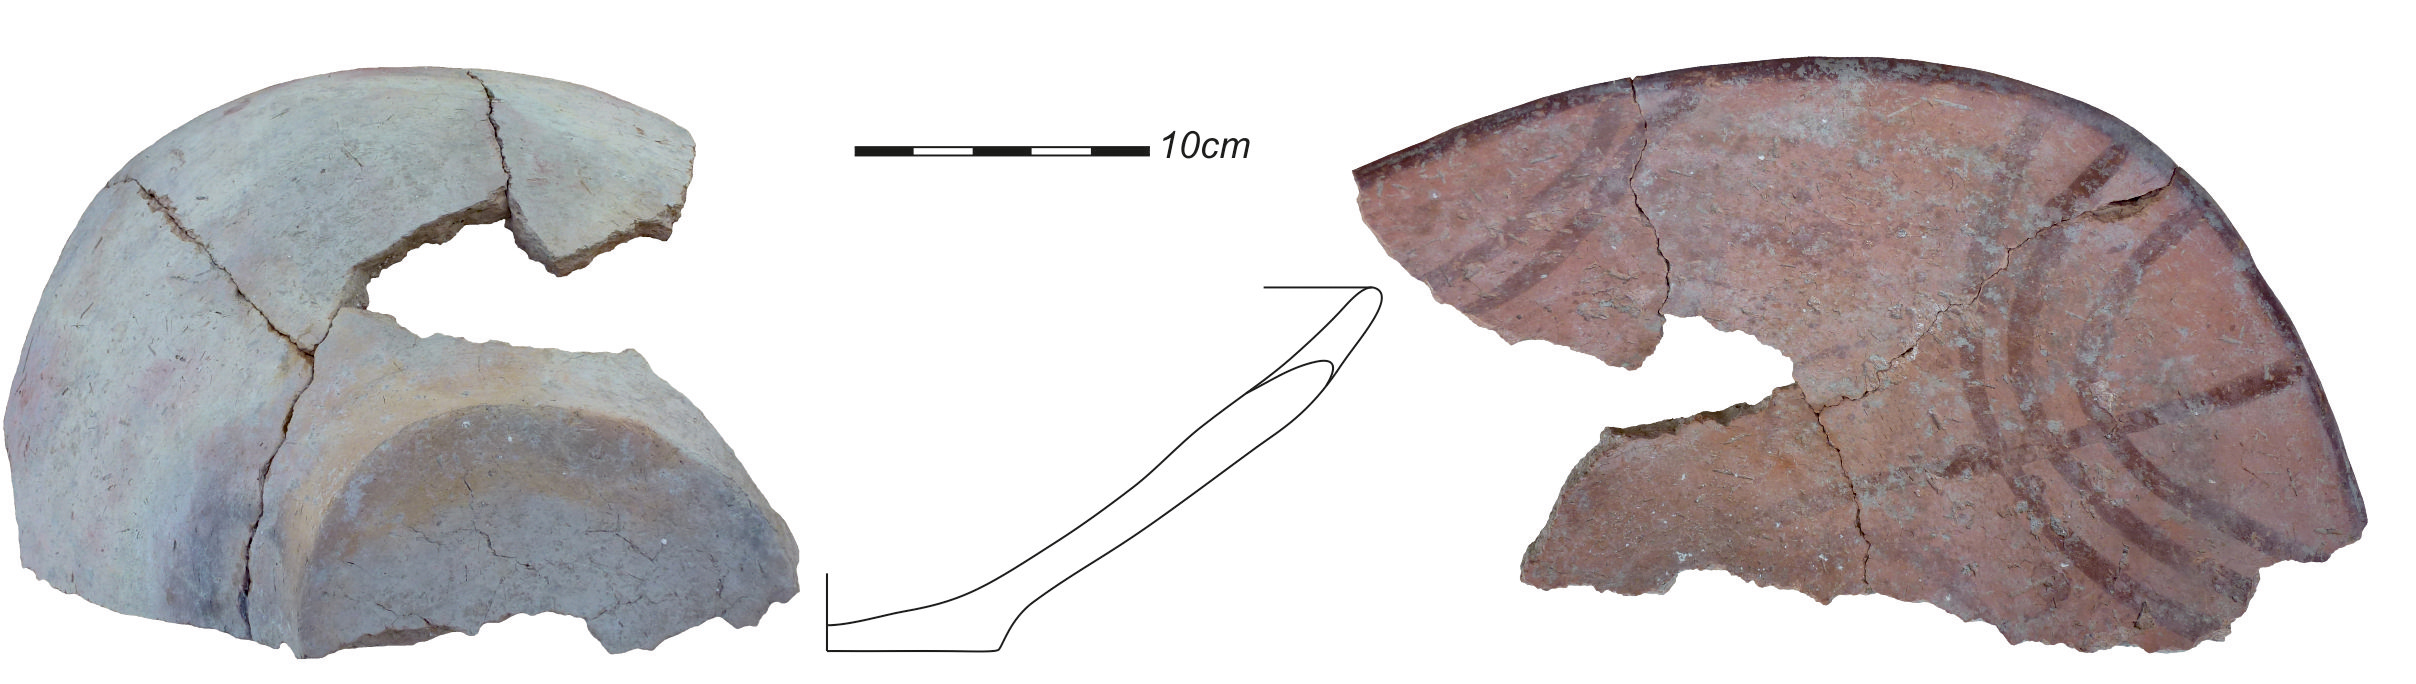 Ovales Gefäß mit Innenbemalung